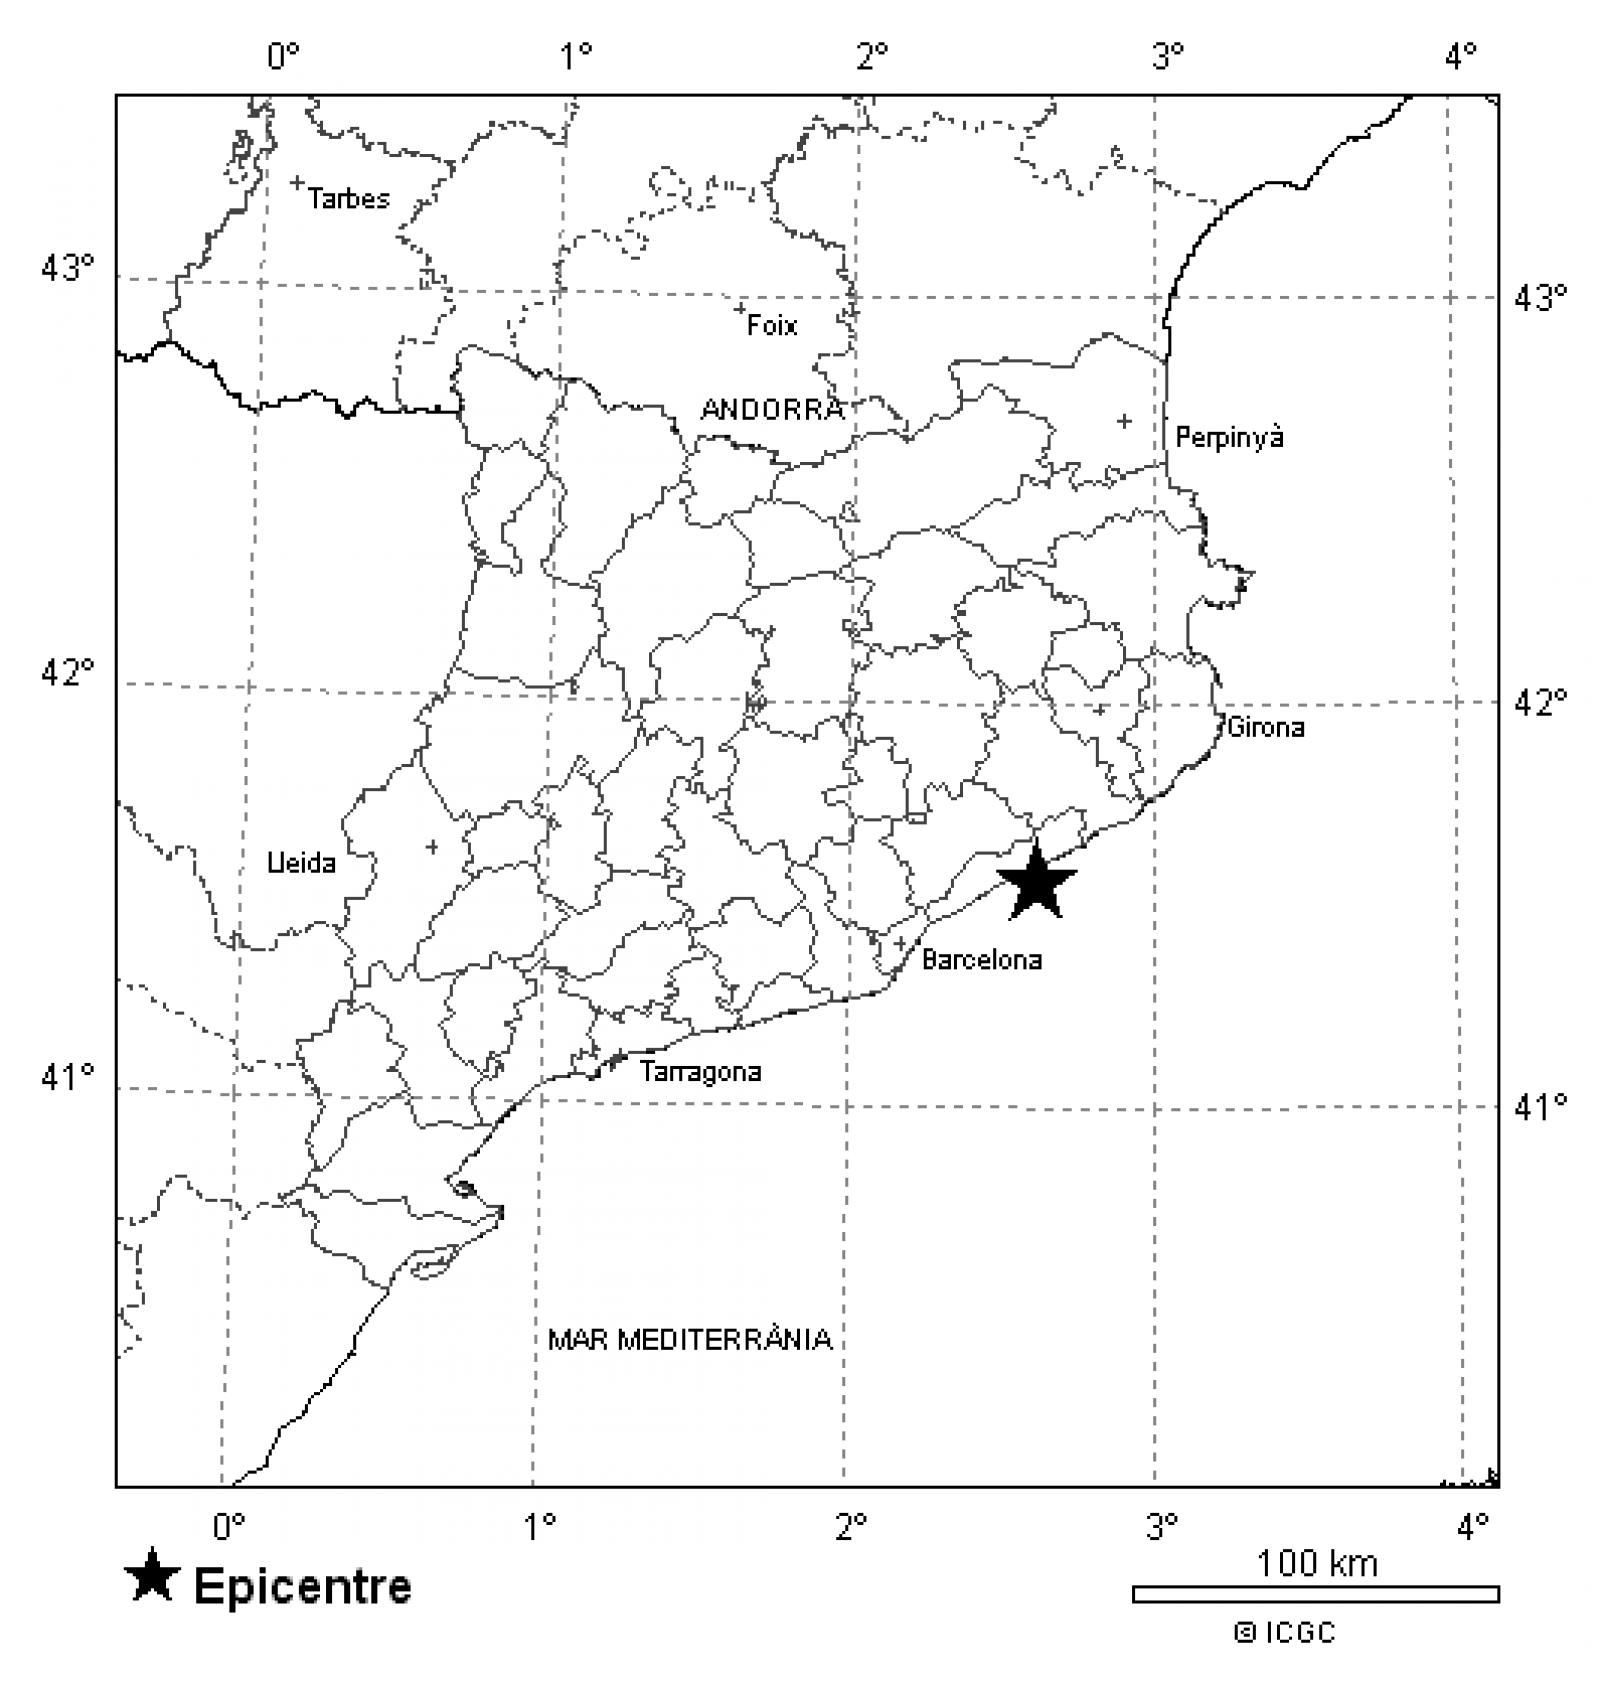 Localització de l'epicentre del terratrèmol del Maresme